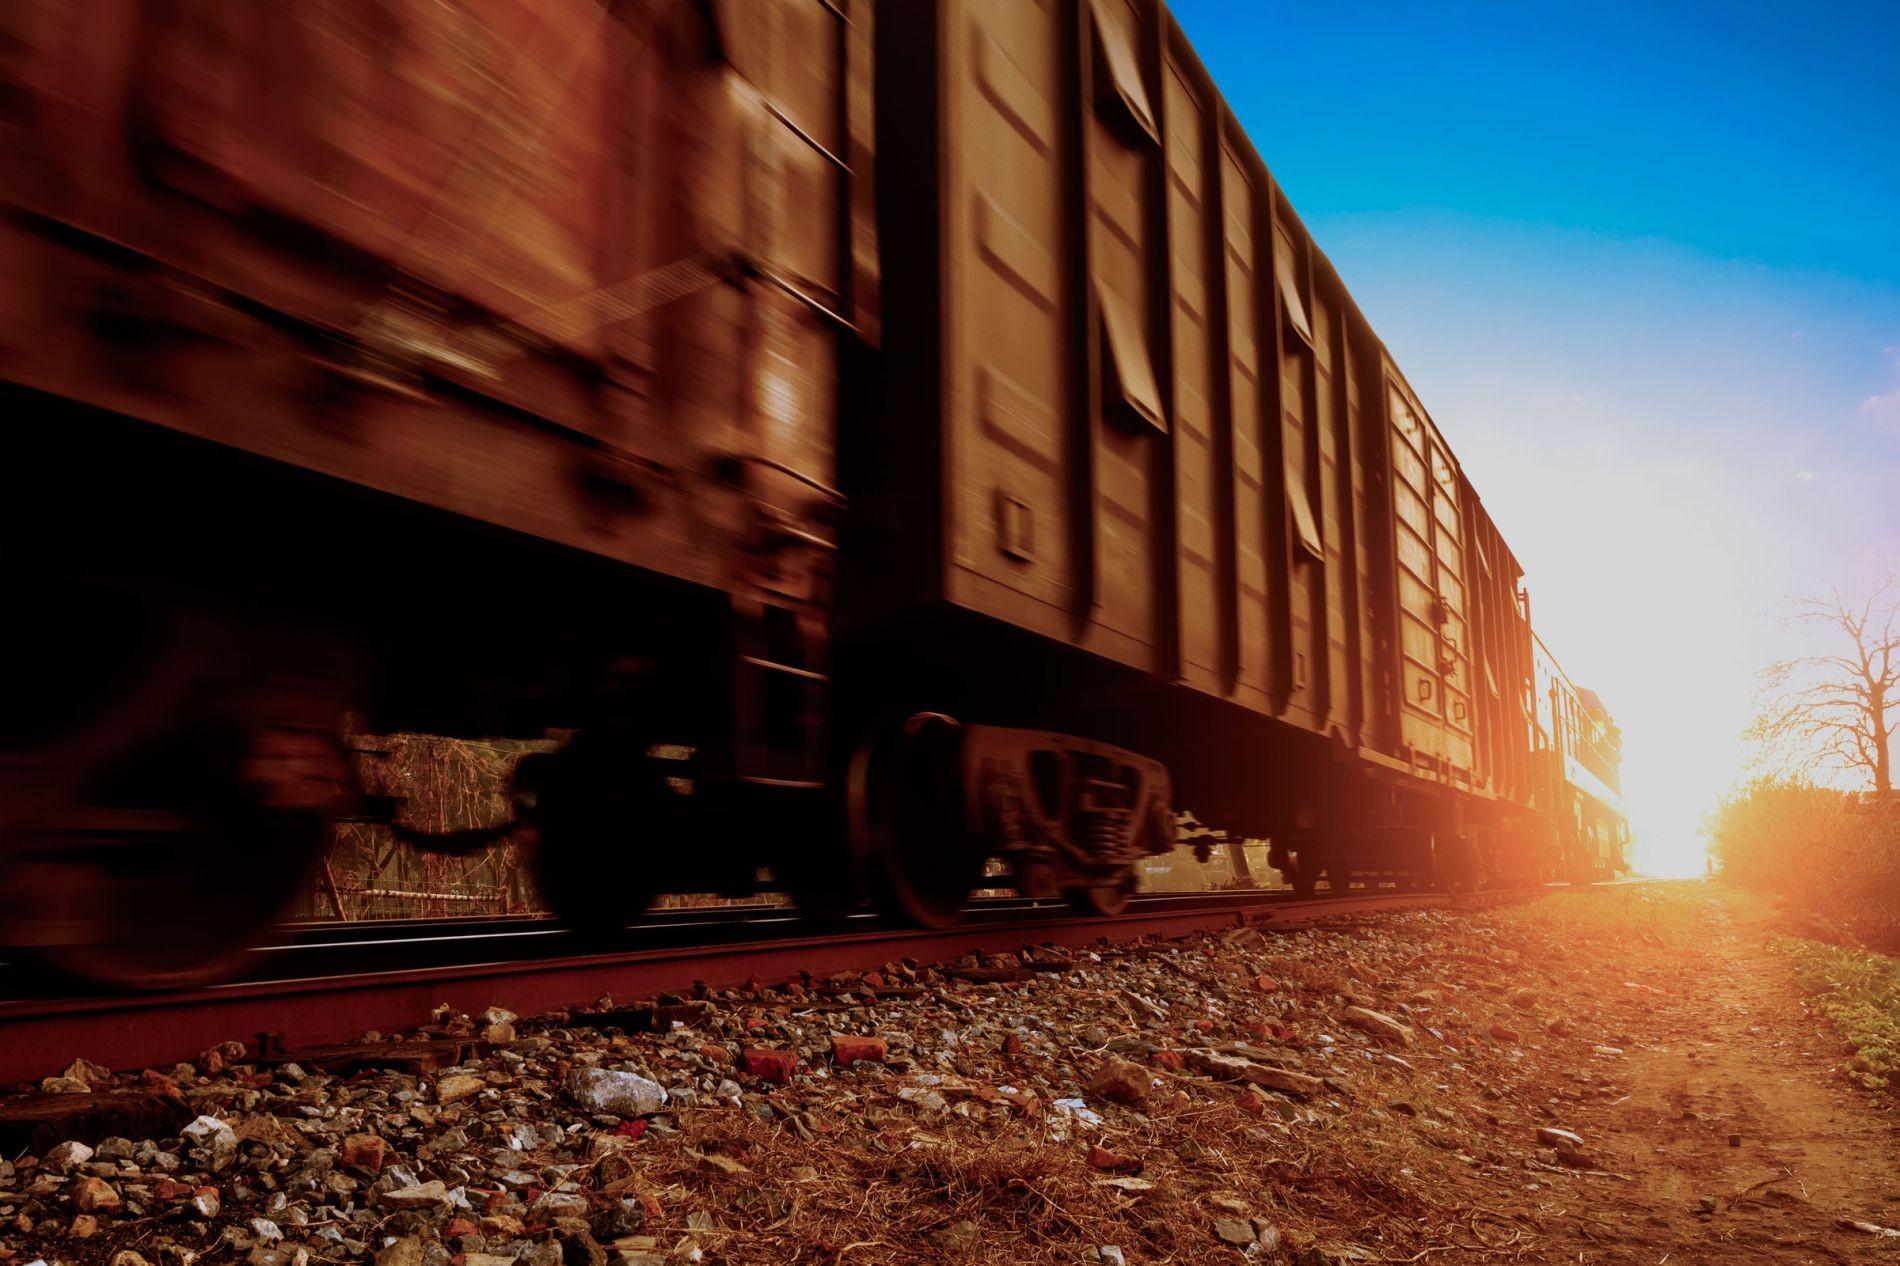 ВКалифорнии 22 вагона грузового поезда сорвались вреку